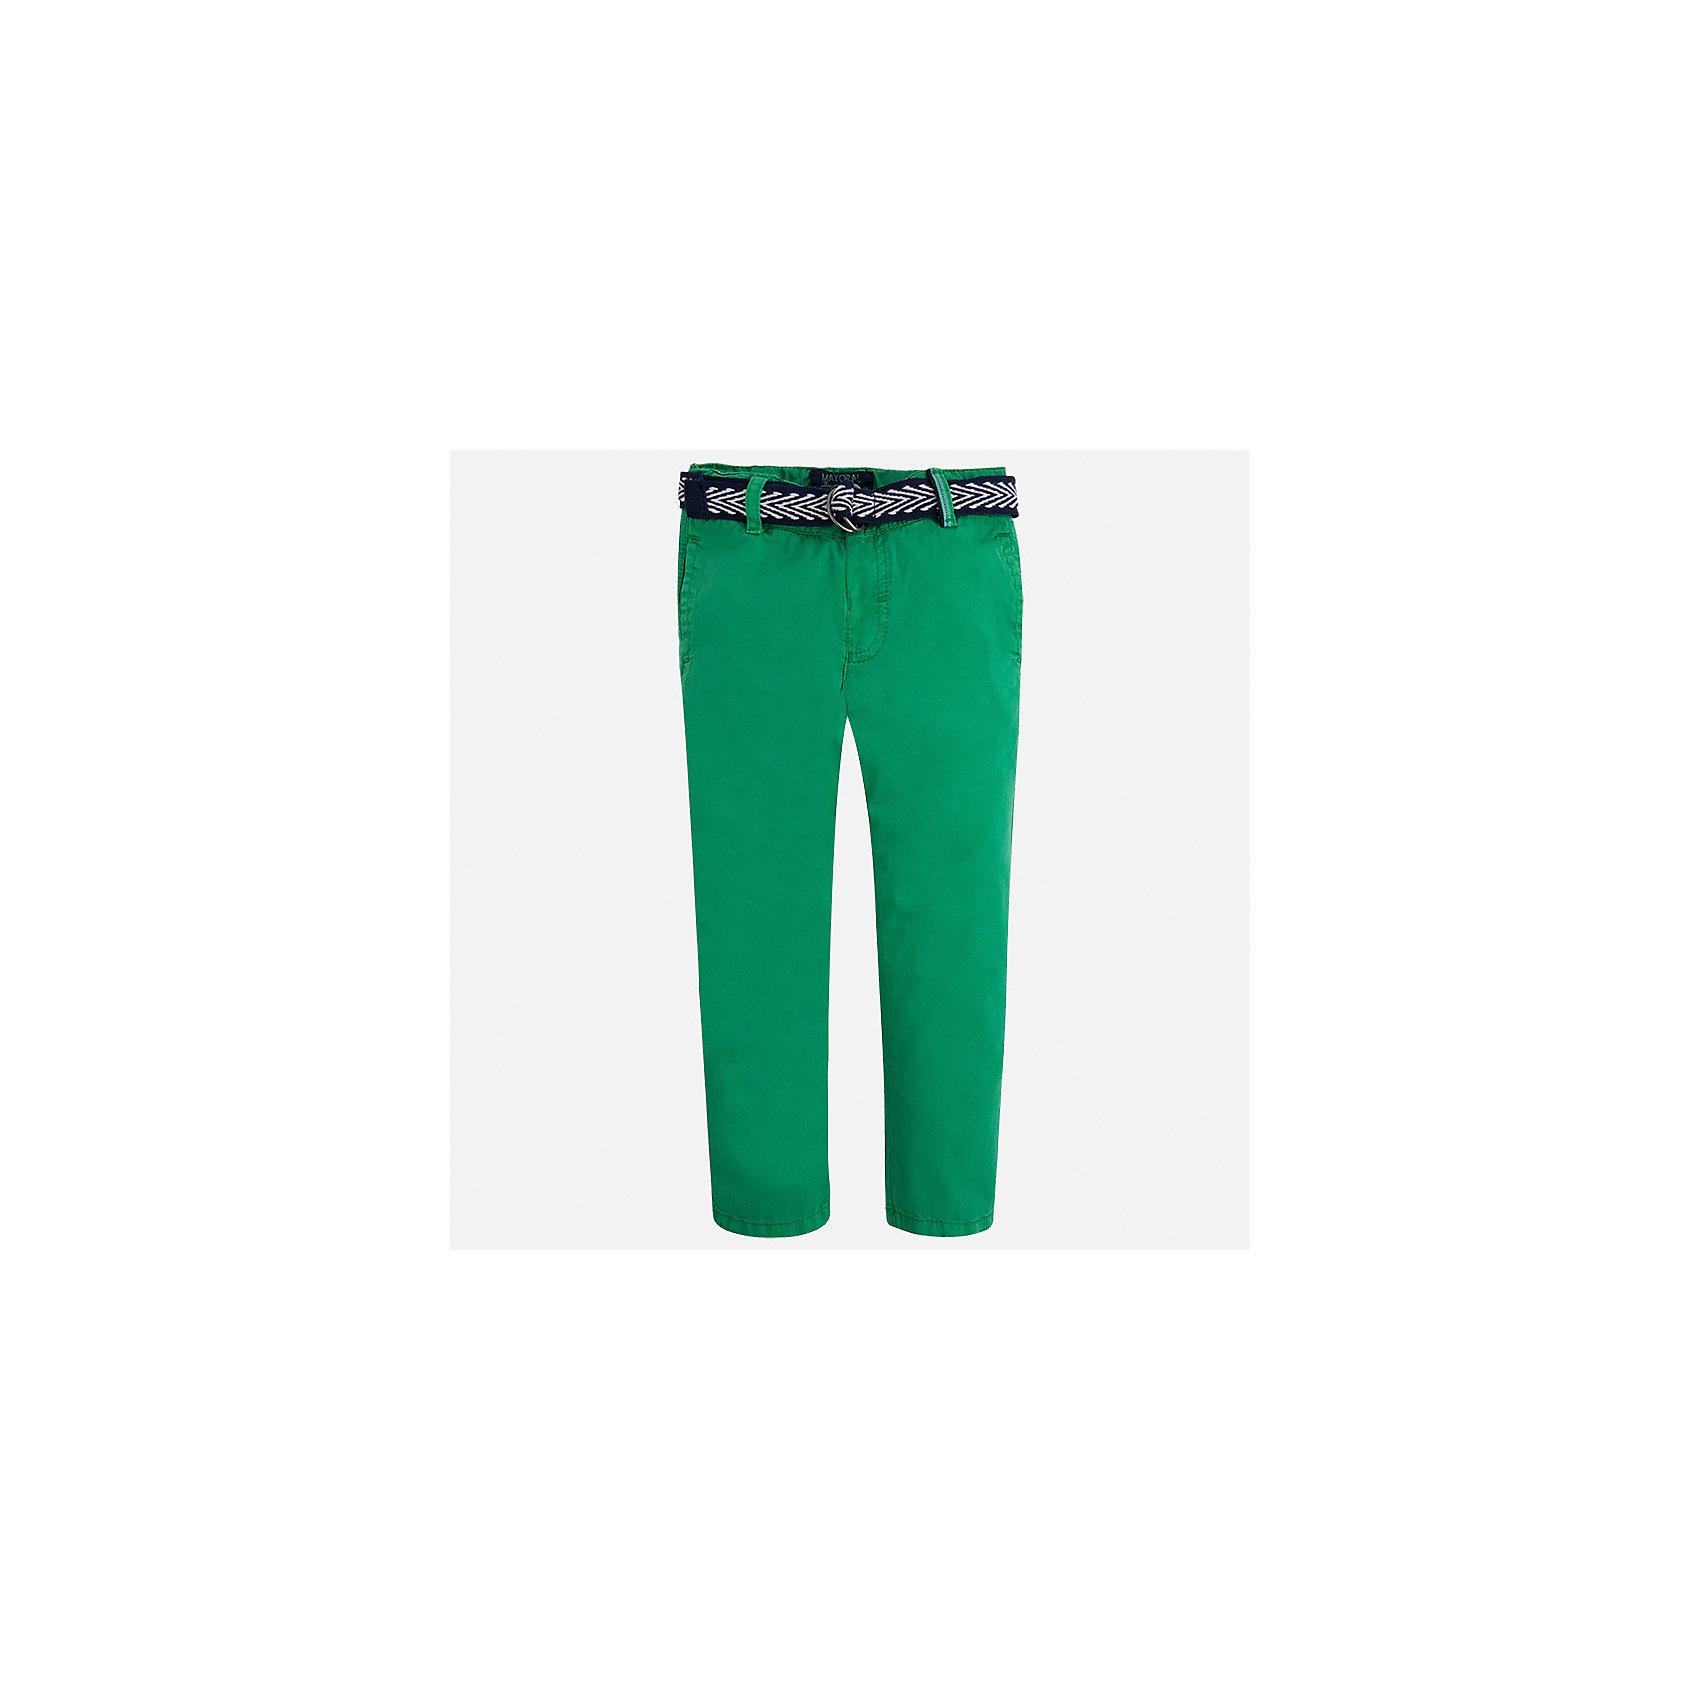 Брюки для мальчика MayoralБрюки<br>Характеристики товара:<br><br>• цвет: зеленый<br>• состав: 100% хлопок<br>• пуговицы на карманах <br>• шлевки<br>• карманы<br>• пояс с регулировкой объема<br>• классический силуэт<br>• страна бренда: Испания<br><br>Модные брюки для мальчика смогут стать базовой вещью в гардеробе ребенка. Они отлично сочетаются с майками, футболками, рубашками и т.д. Универсальный крой и цвет позволяет подобрать к вещи верх разных расцветок. Практичное и стильное изделие! В составе материала - только натуральный хлопок, гипоаллергенный, приятный на ощупь, дышащий.<br><br>Одежда, обувь и аксессуары от испанского бренда Mayoral полюбились детям и взрослым по всему миру. Модели этой марки - стильные и удобные. Для их производства используются только безопасные, качественные материалы и фурнитура. Порадуйте ребенка модными и красивыми вещами от Mayoral! <br><br>Брюки для мальчика от испанского бренда Mayoral (Майорал) можно купить в нашем интернет-магазине.<br><br>Ширина мм: 215<br>Глубина мм: 88<br>Высота мм: 191<br>Вес г: 336<br>Цвет: зеленый<br>Возраст от месяцев: 18<br>Возраст до месяцев: 24<br>Пол: Мужской<br>Возраст: Детский<br>Размер: 92,128,122,98,116,134,110,104<br>SKU: 5280846